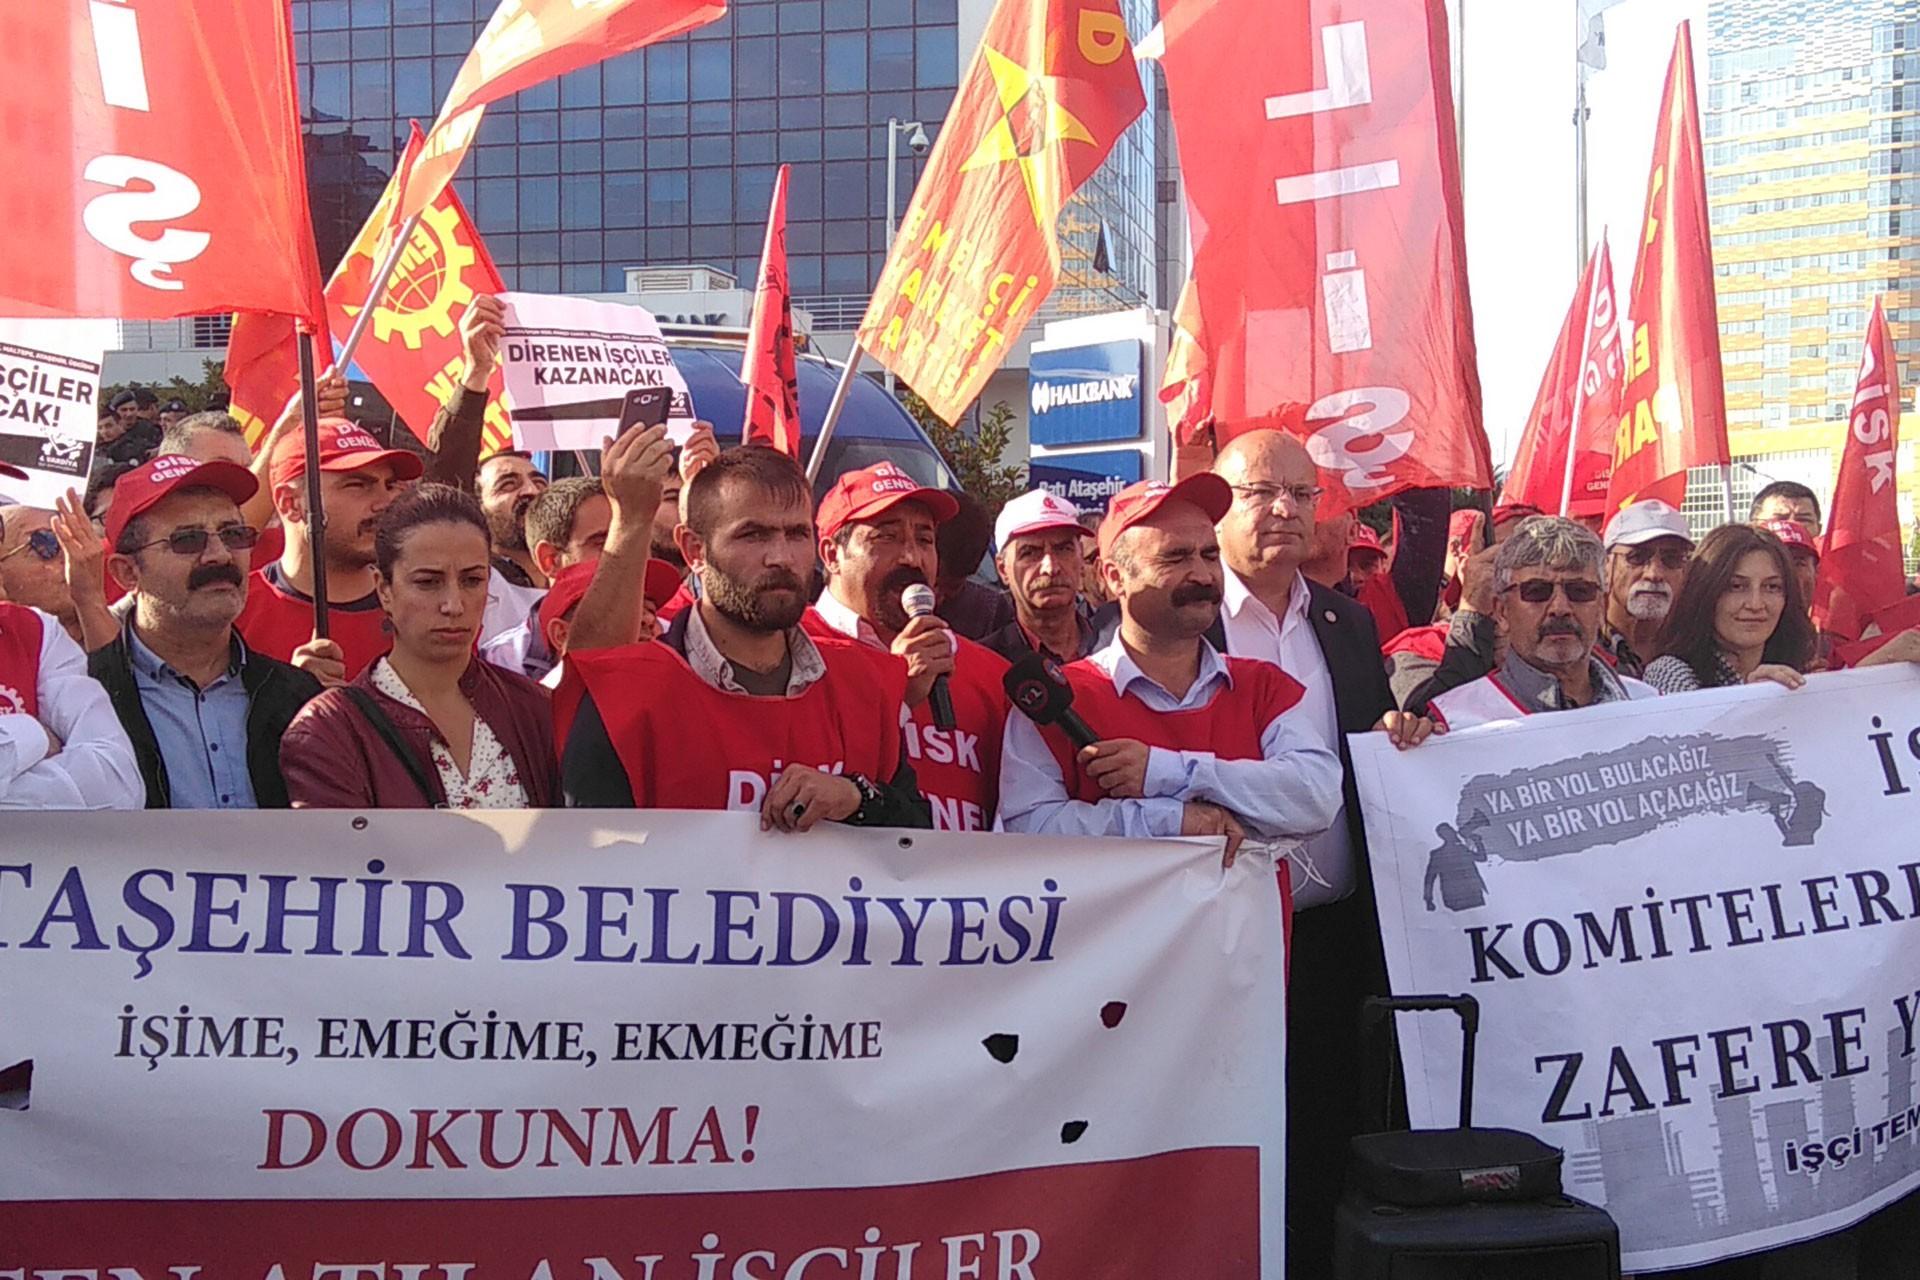 DİSK Genel-İş: İşten atılan Ataşehir Belediyesi işçileri geri alınsın